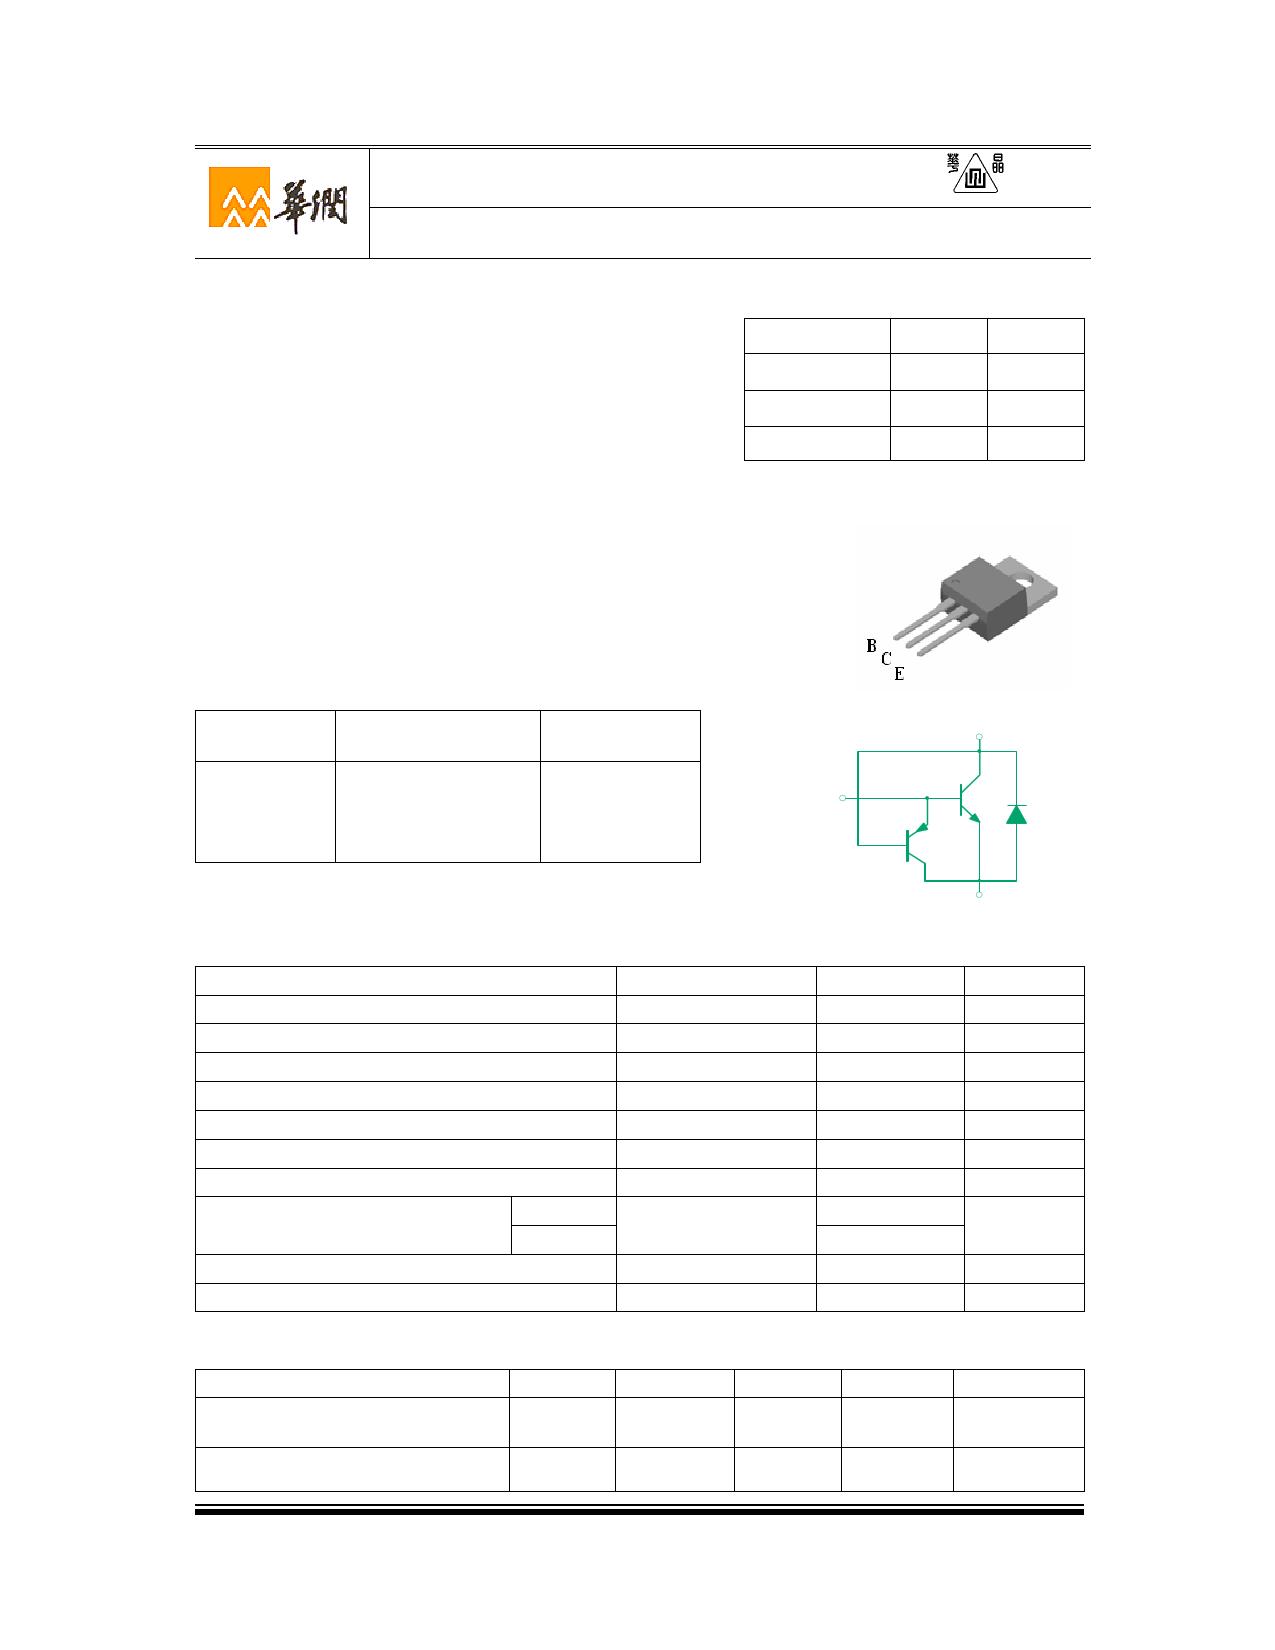 3DD13005N8D Datasheet, 3DD13005N8D PDF,ピン配置, 機能